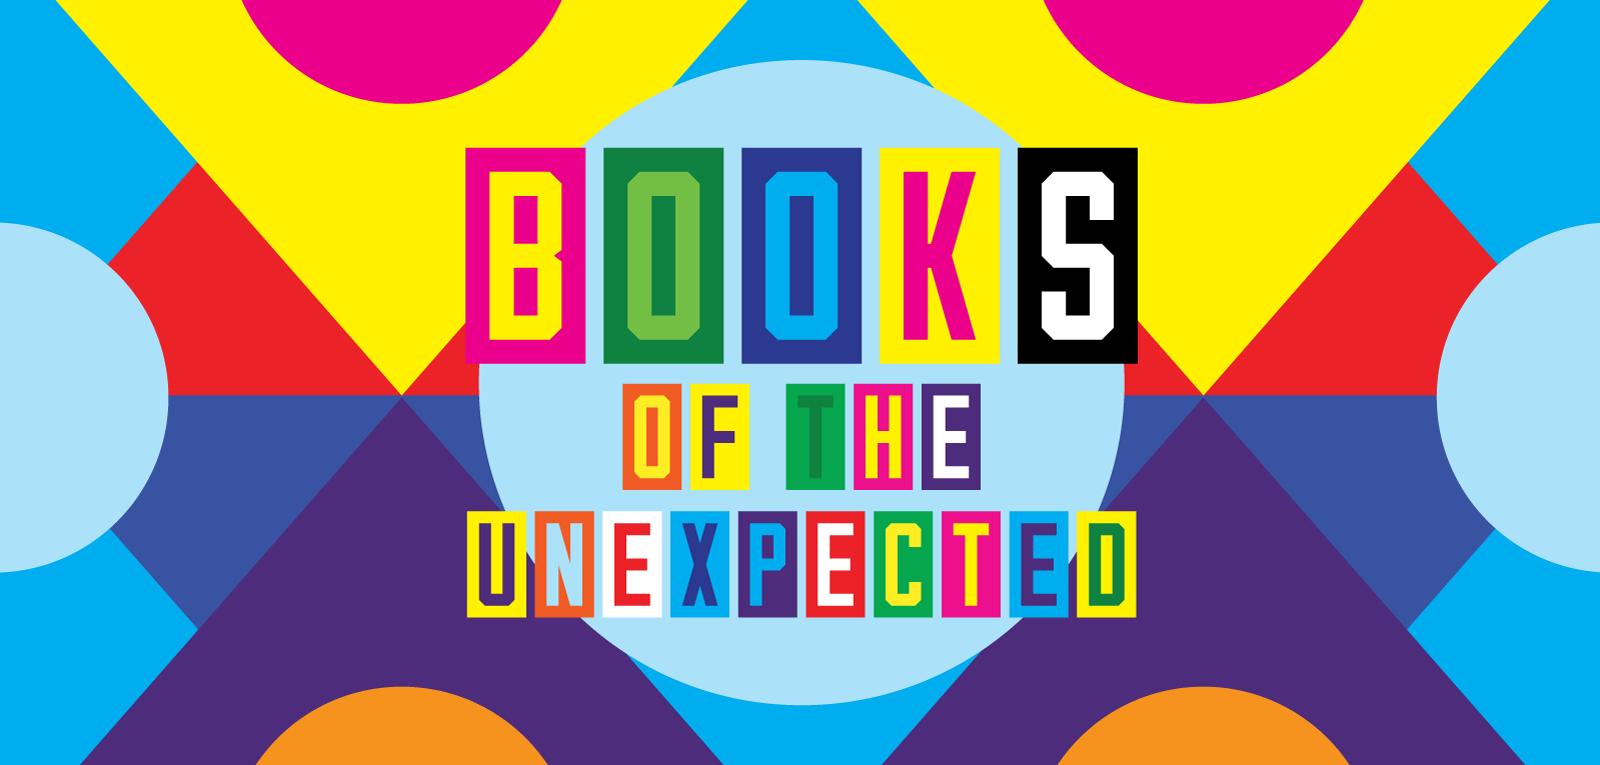 booksofunexpected.png